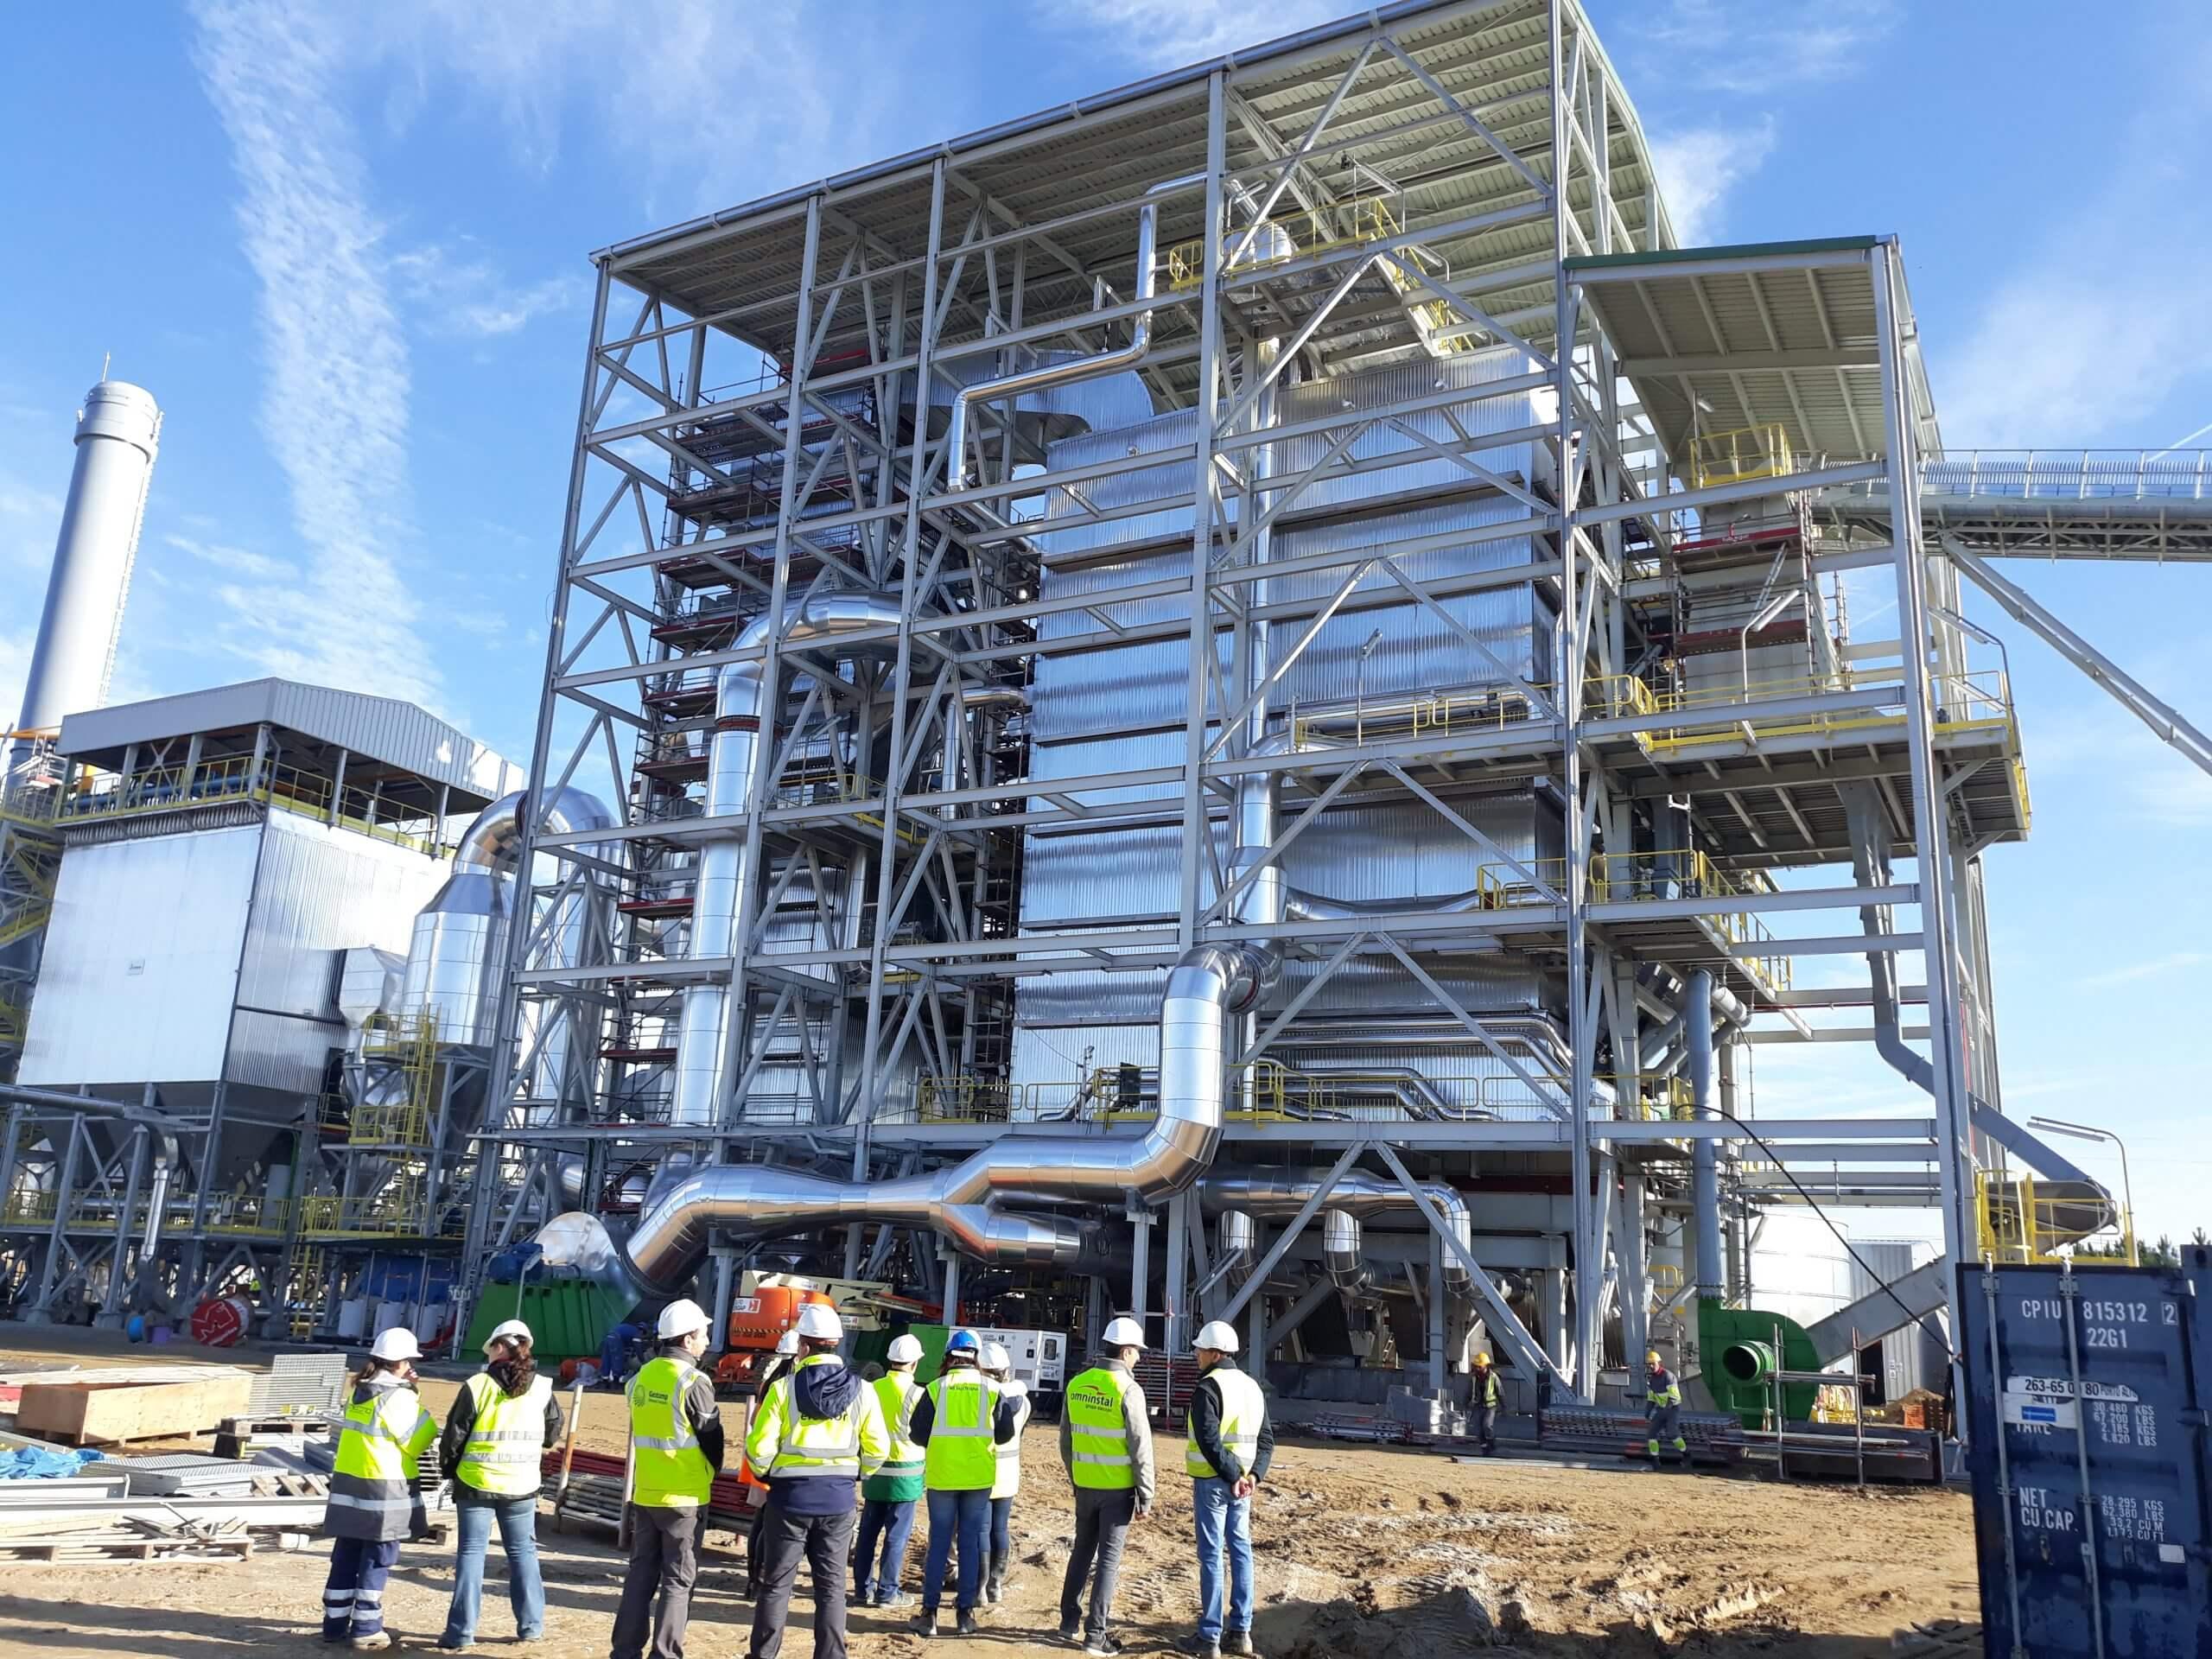 49-Viseu-Central-de-Biomassa-JFonseca-Coordenaá∆o-de-Seguranáa-em-obra